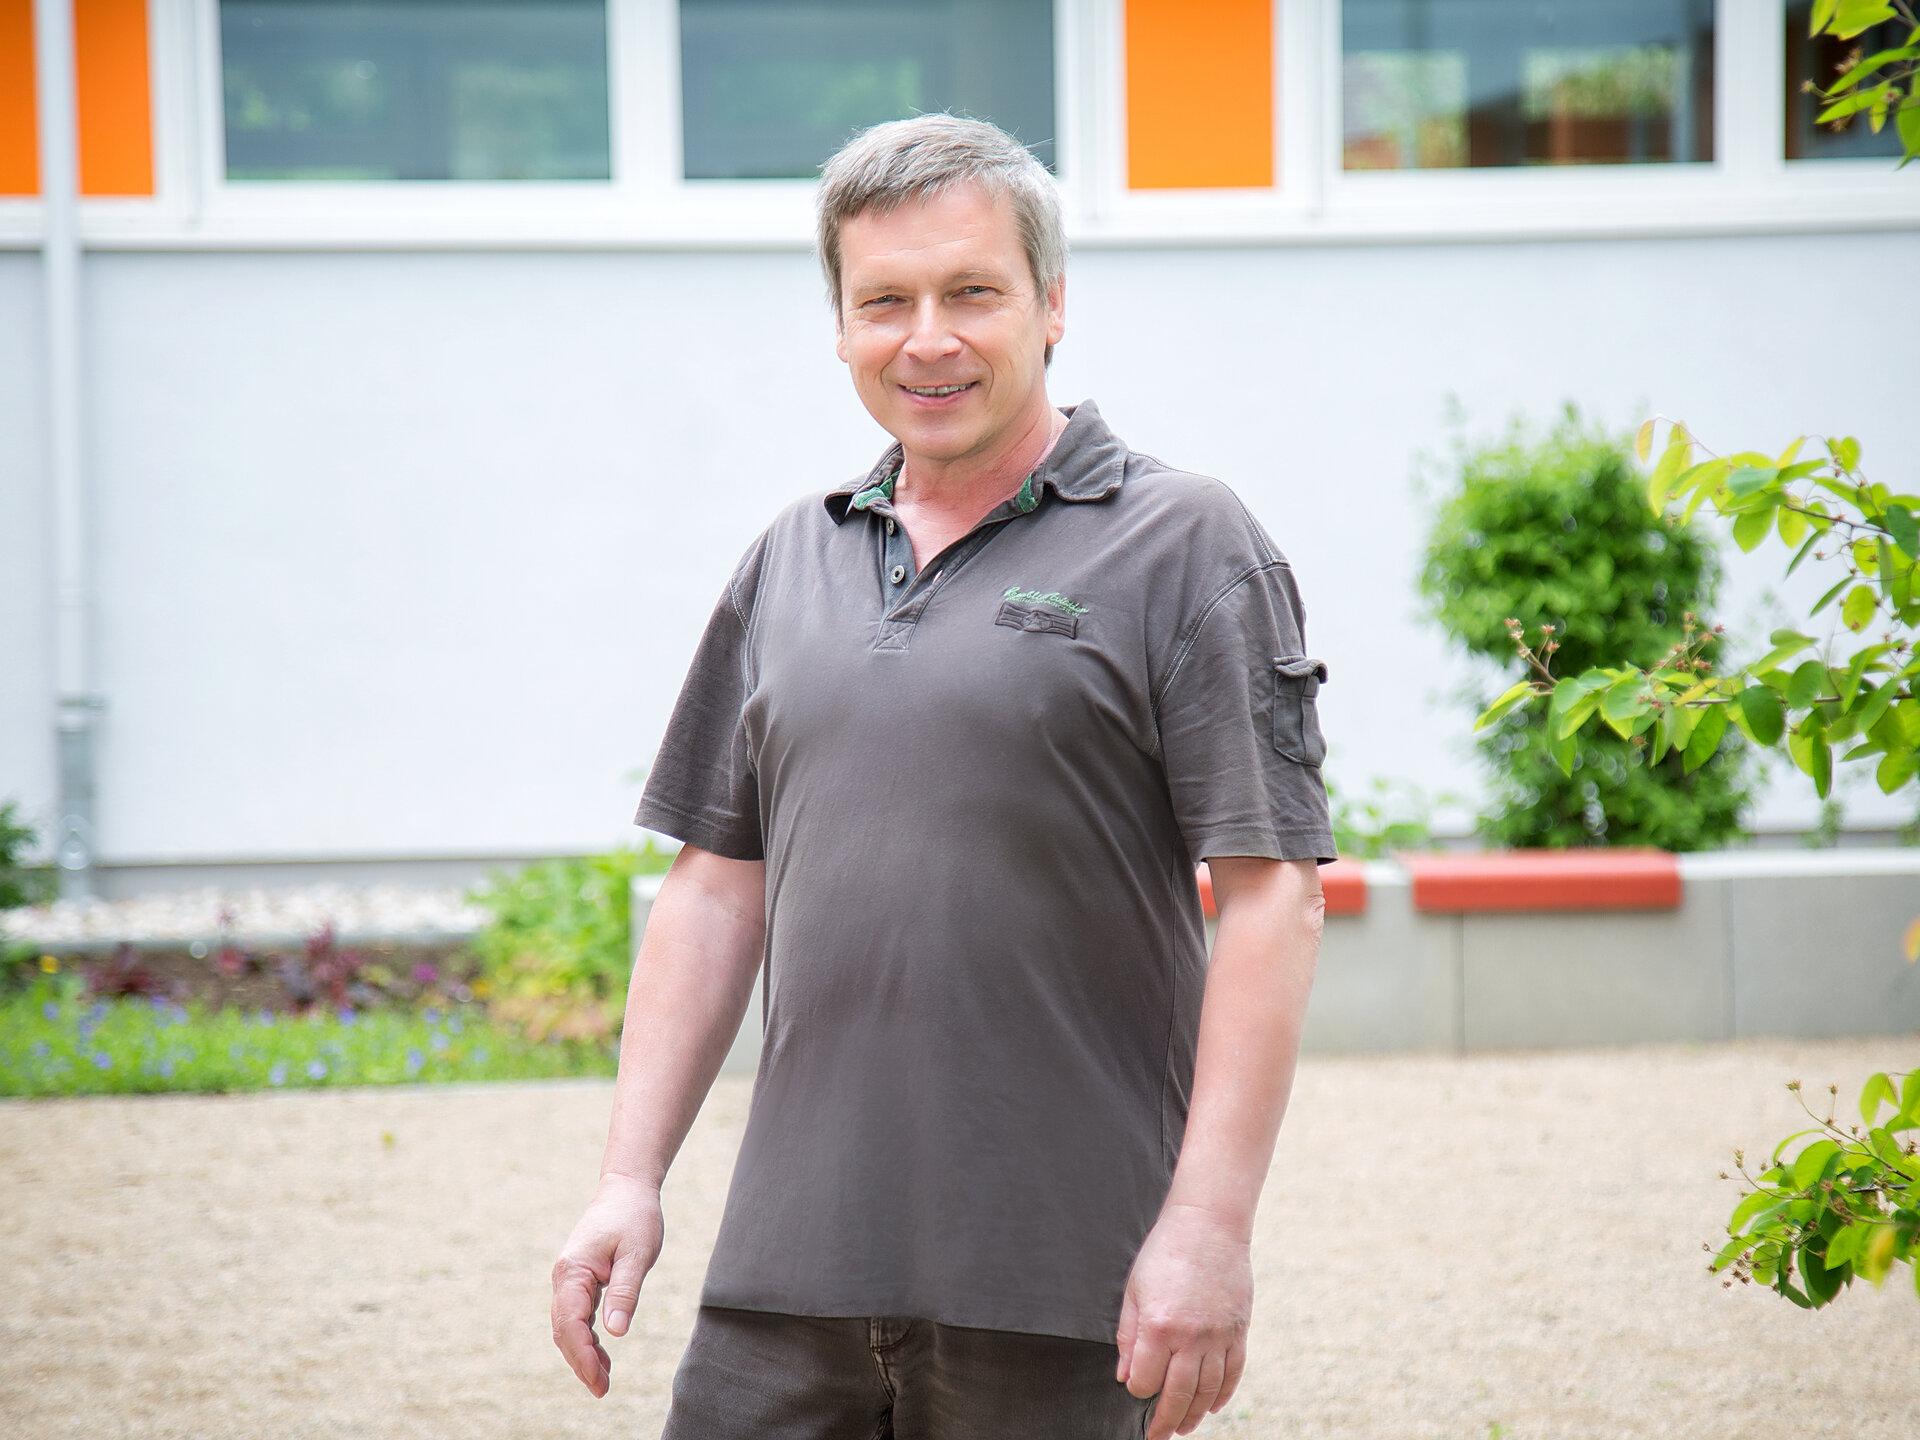 Herr Köhler